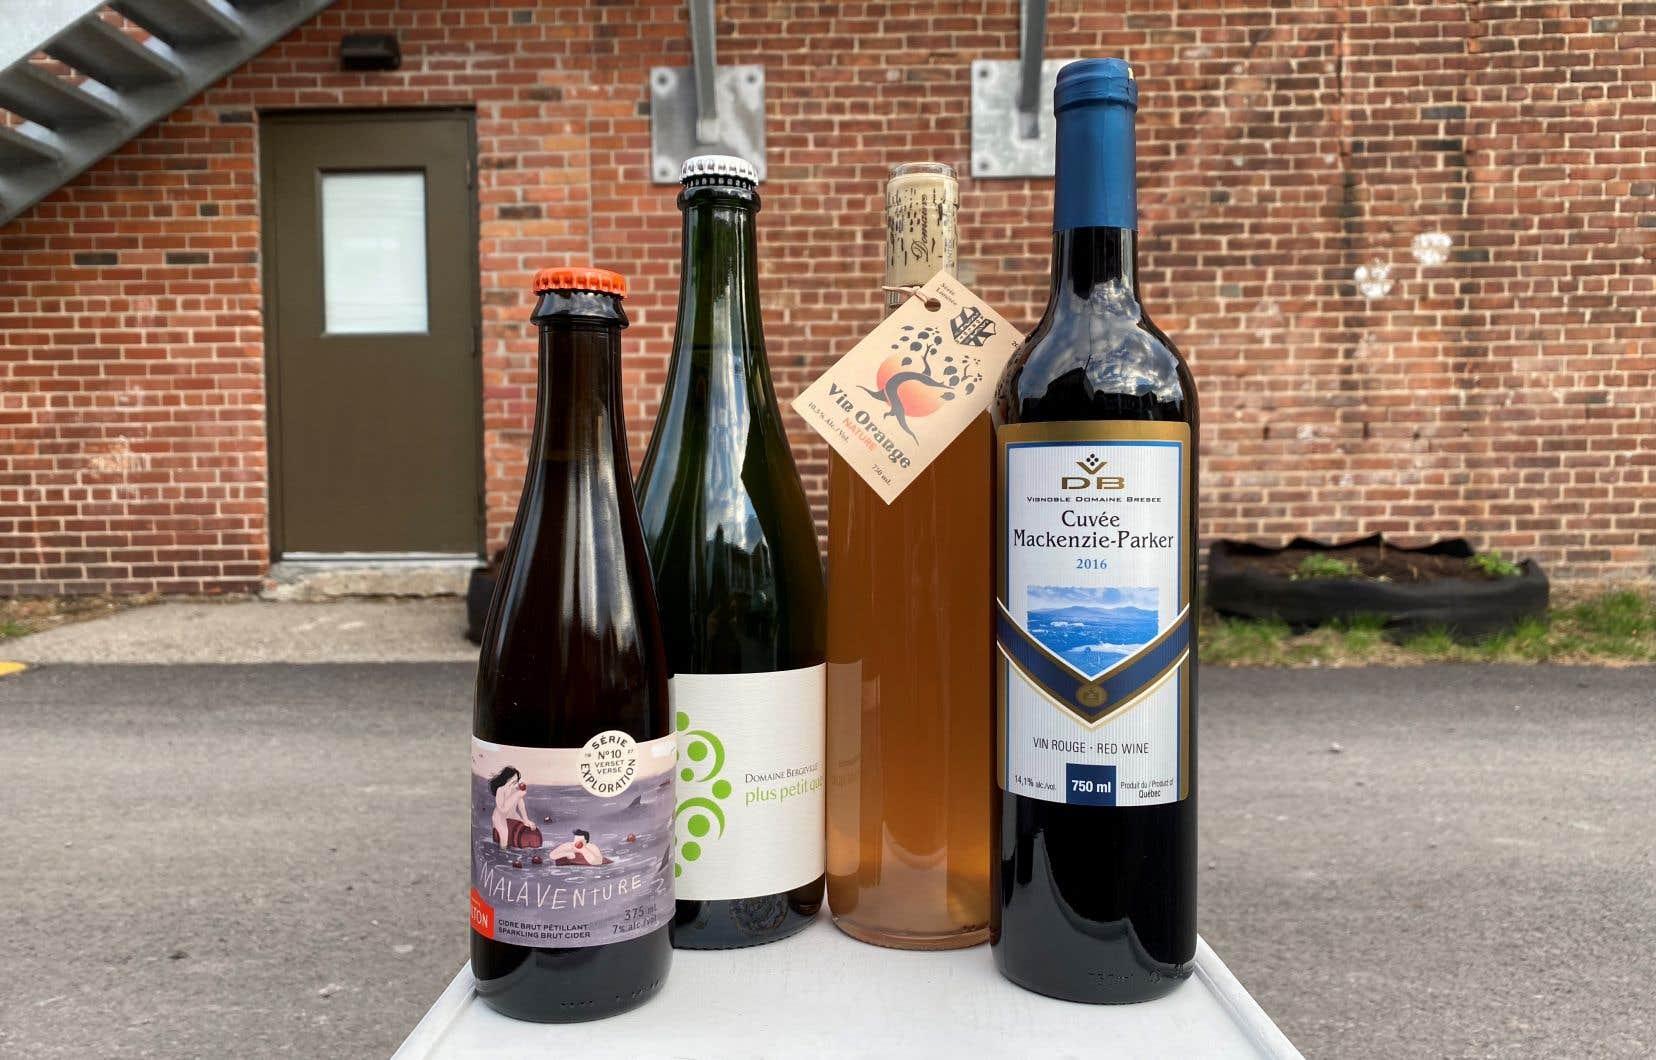 Au menu du Sommelier Nordiq pour le temps des Fêtes: une bulle bio et naturelle, un vin orange fait nature, un rouge classique avec pas mal de corps et un cidre audacieux!